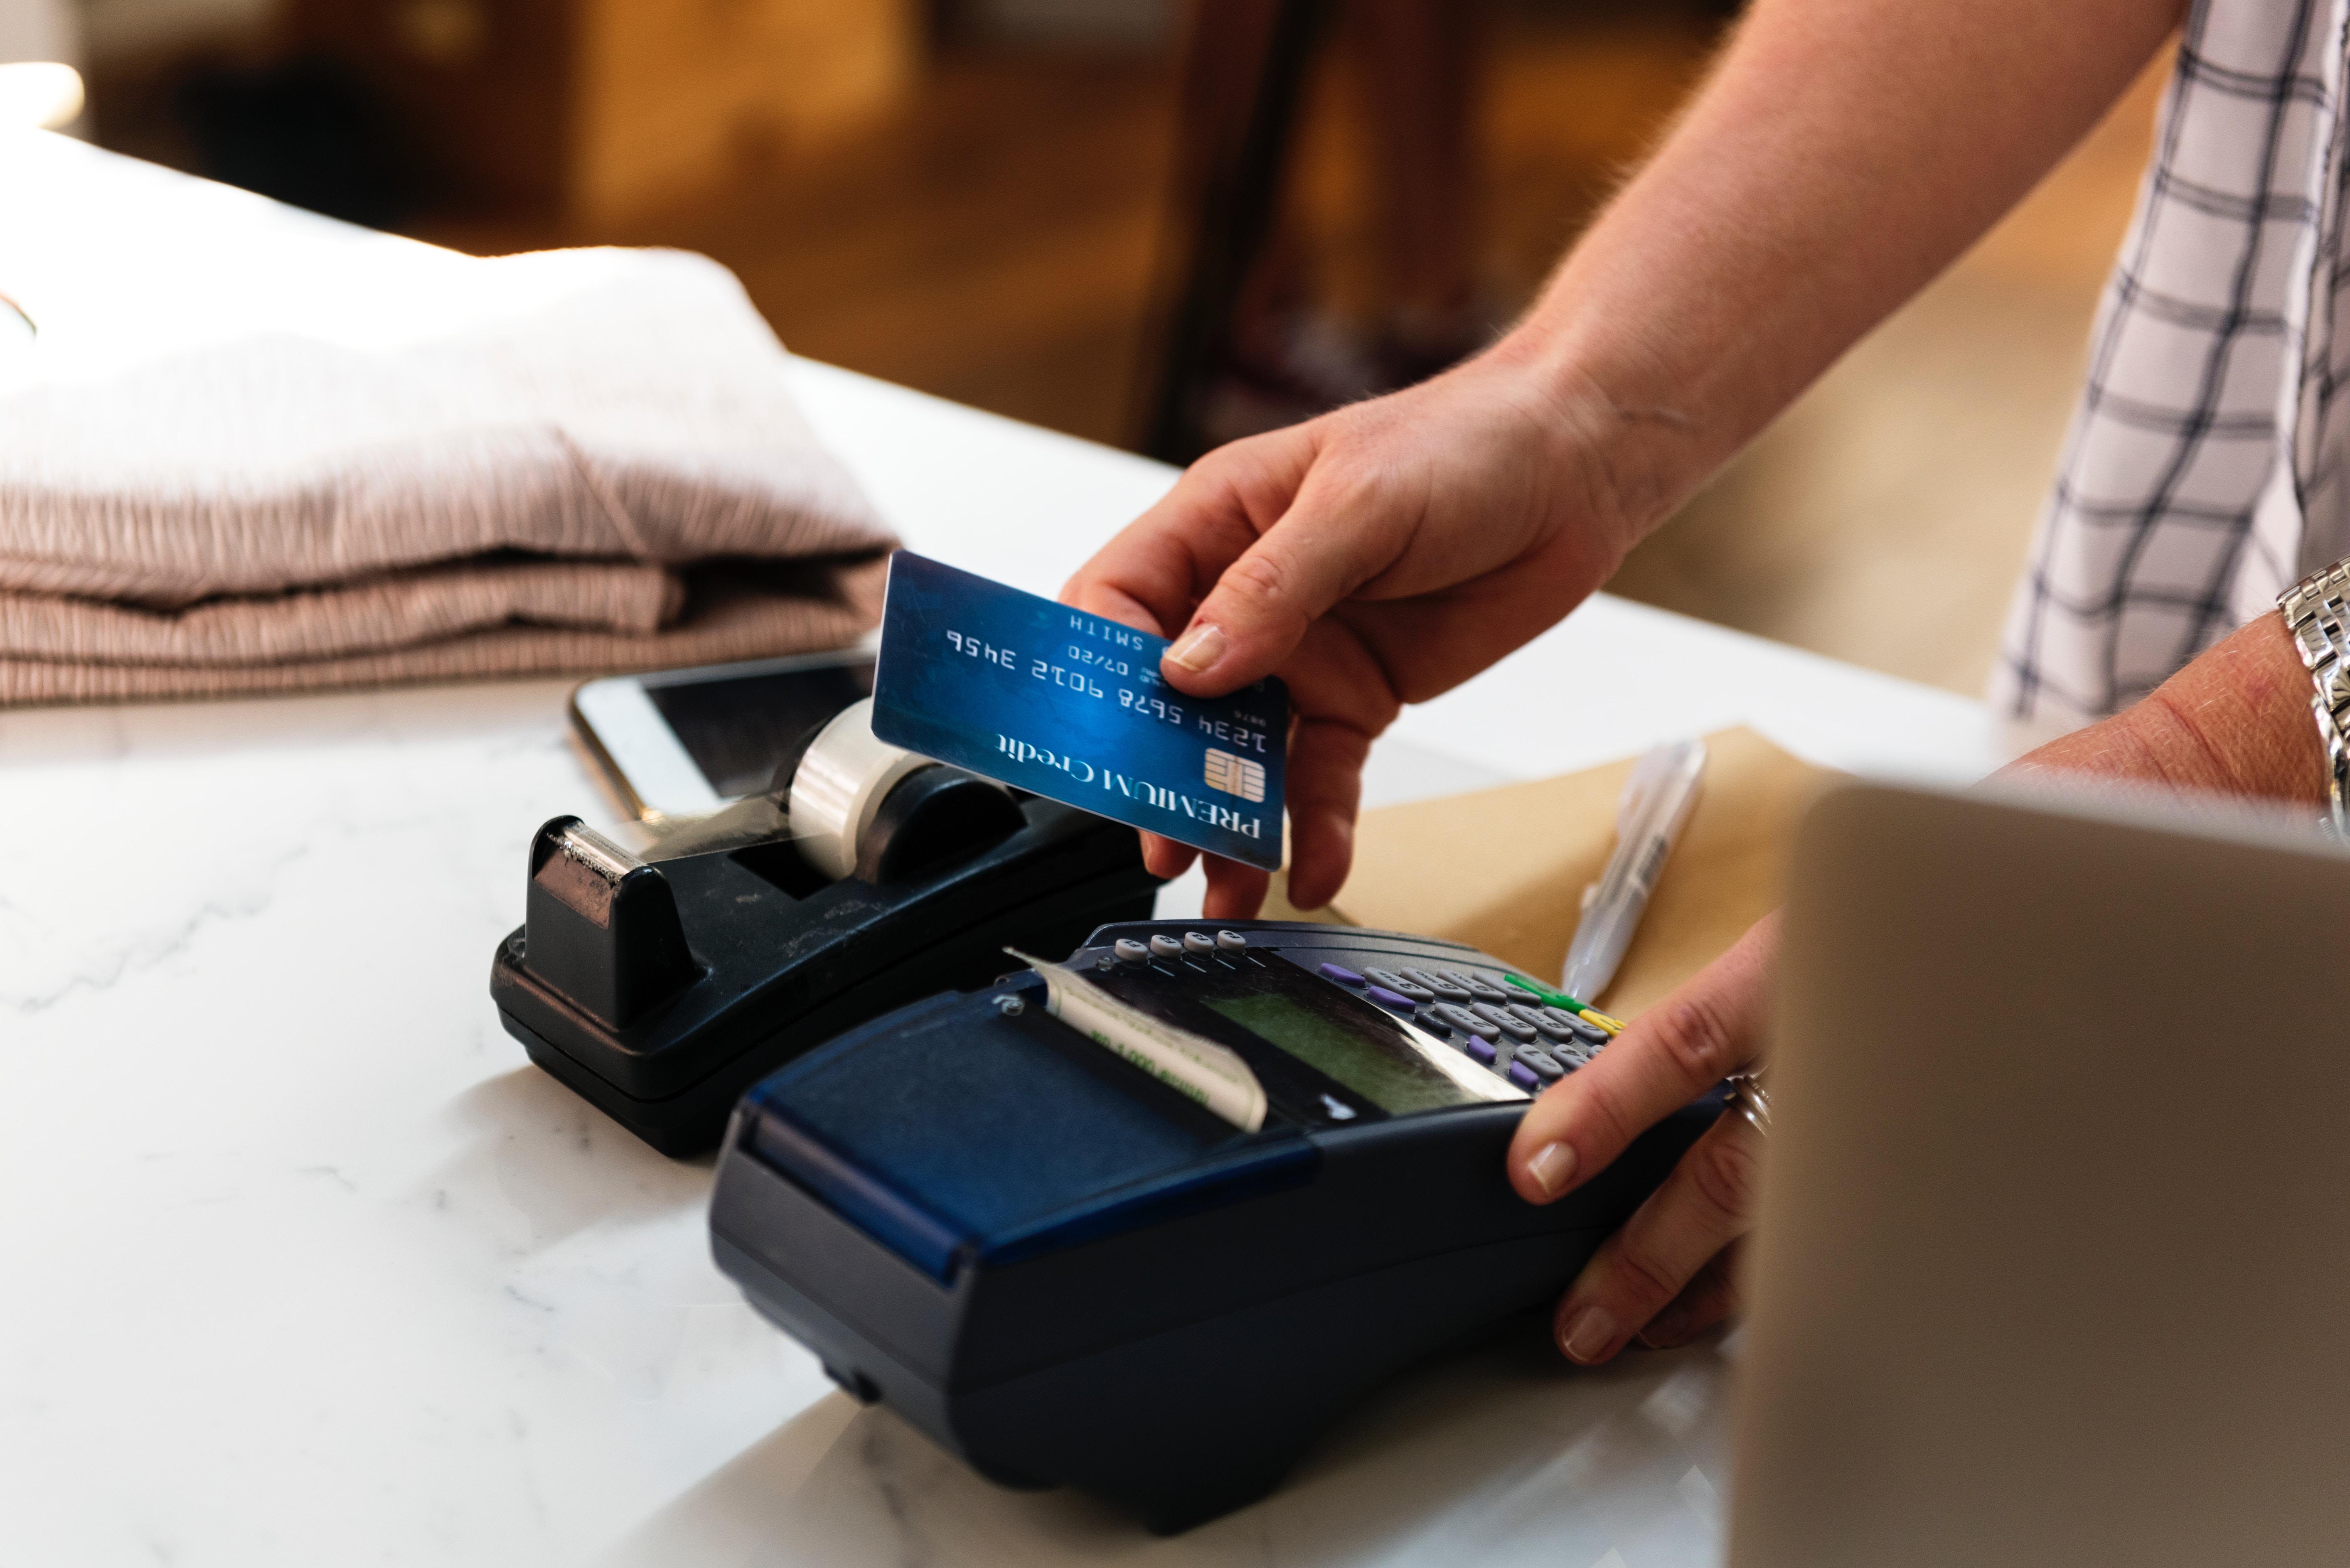 Precisa de fazer compras online e não sabe como? Veja como escolher o seu primeiro cartão de crédito